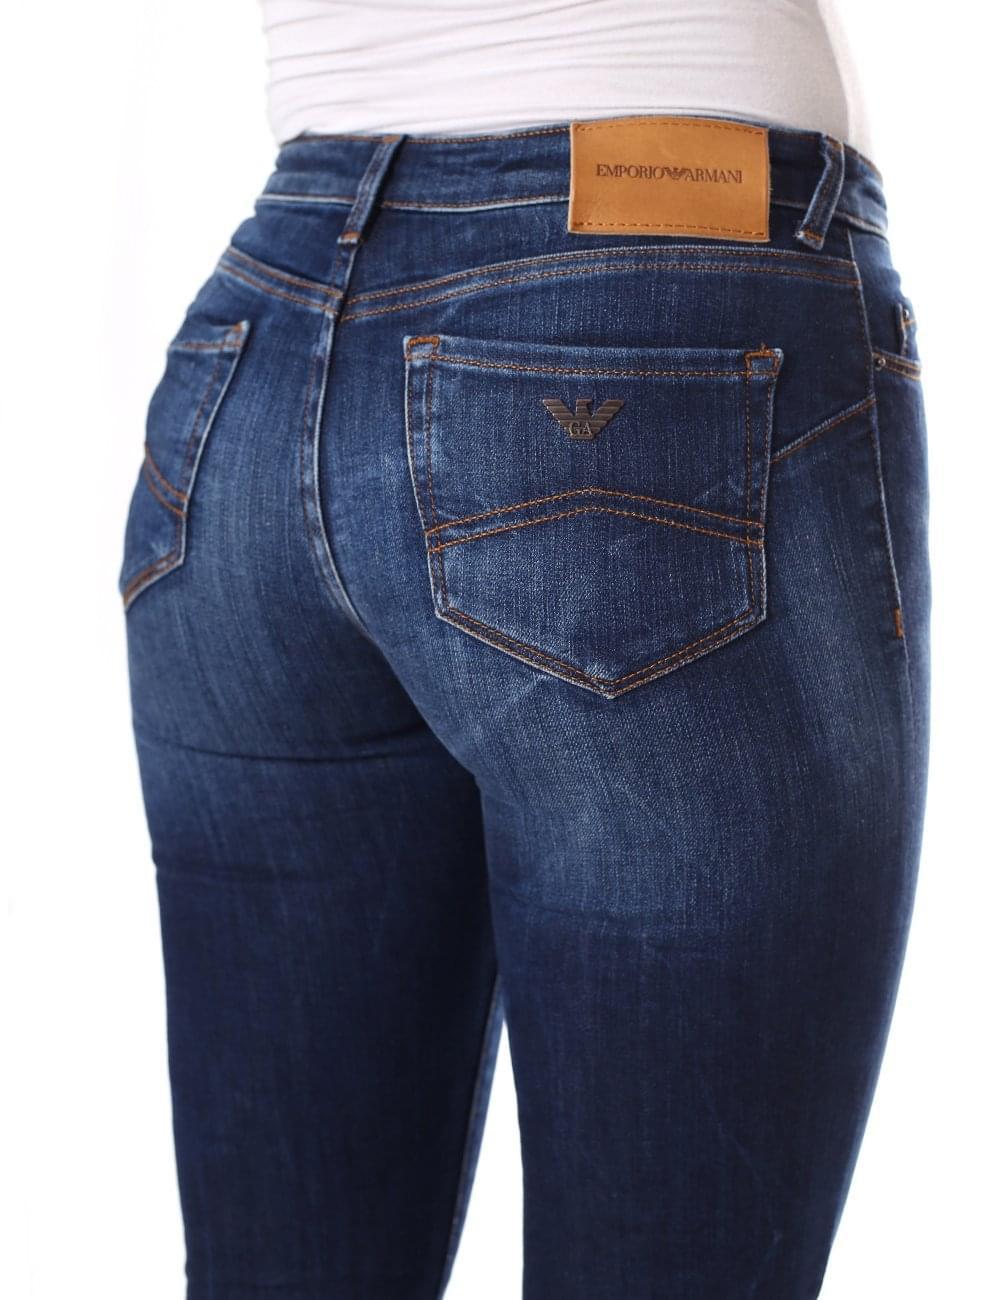 b635bcb6 Armani Jeans Women's Mid Wash Push Up Skinny Jean